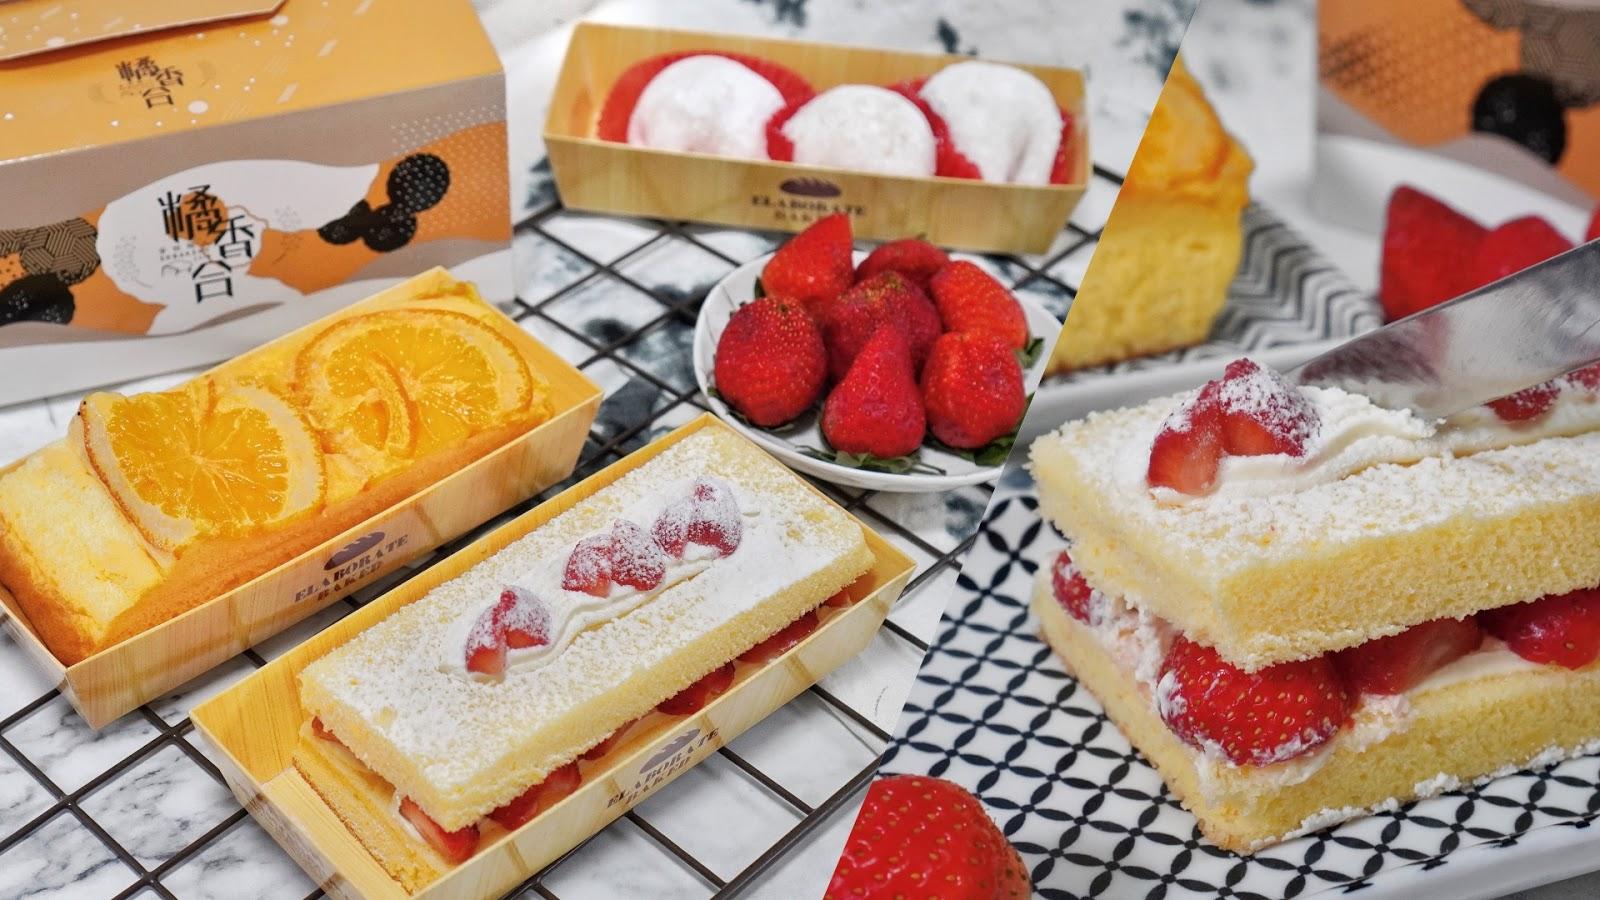 台南中西區美食【橘香合-蛋糕職人】超吸睛古早味蛋糕,台南高CP值甜點推薦!